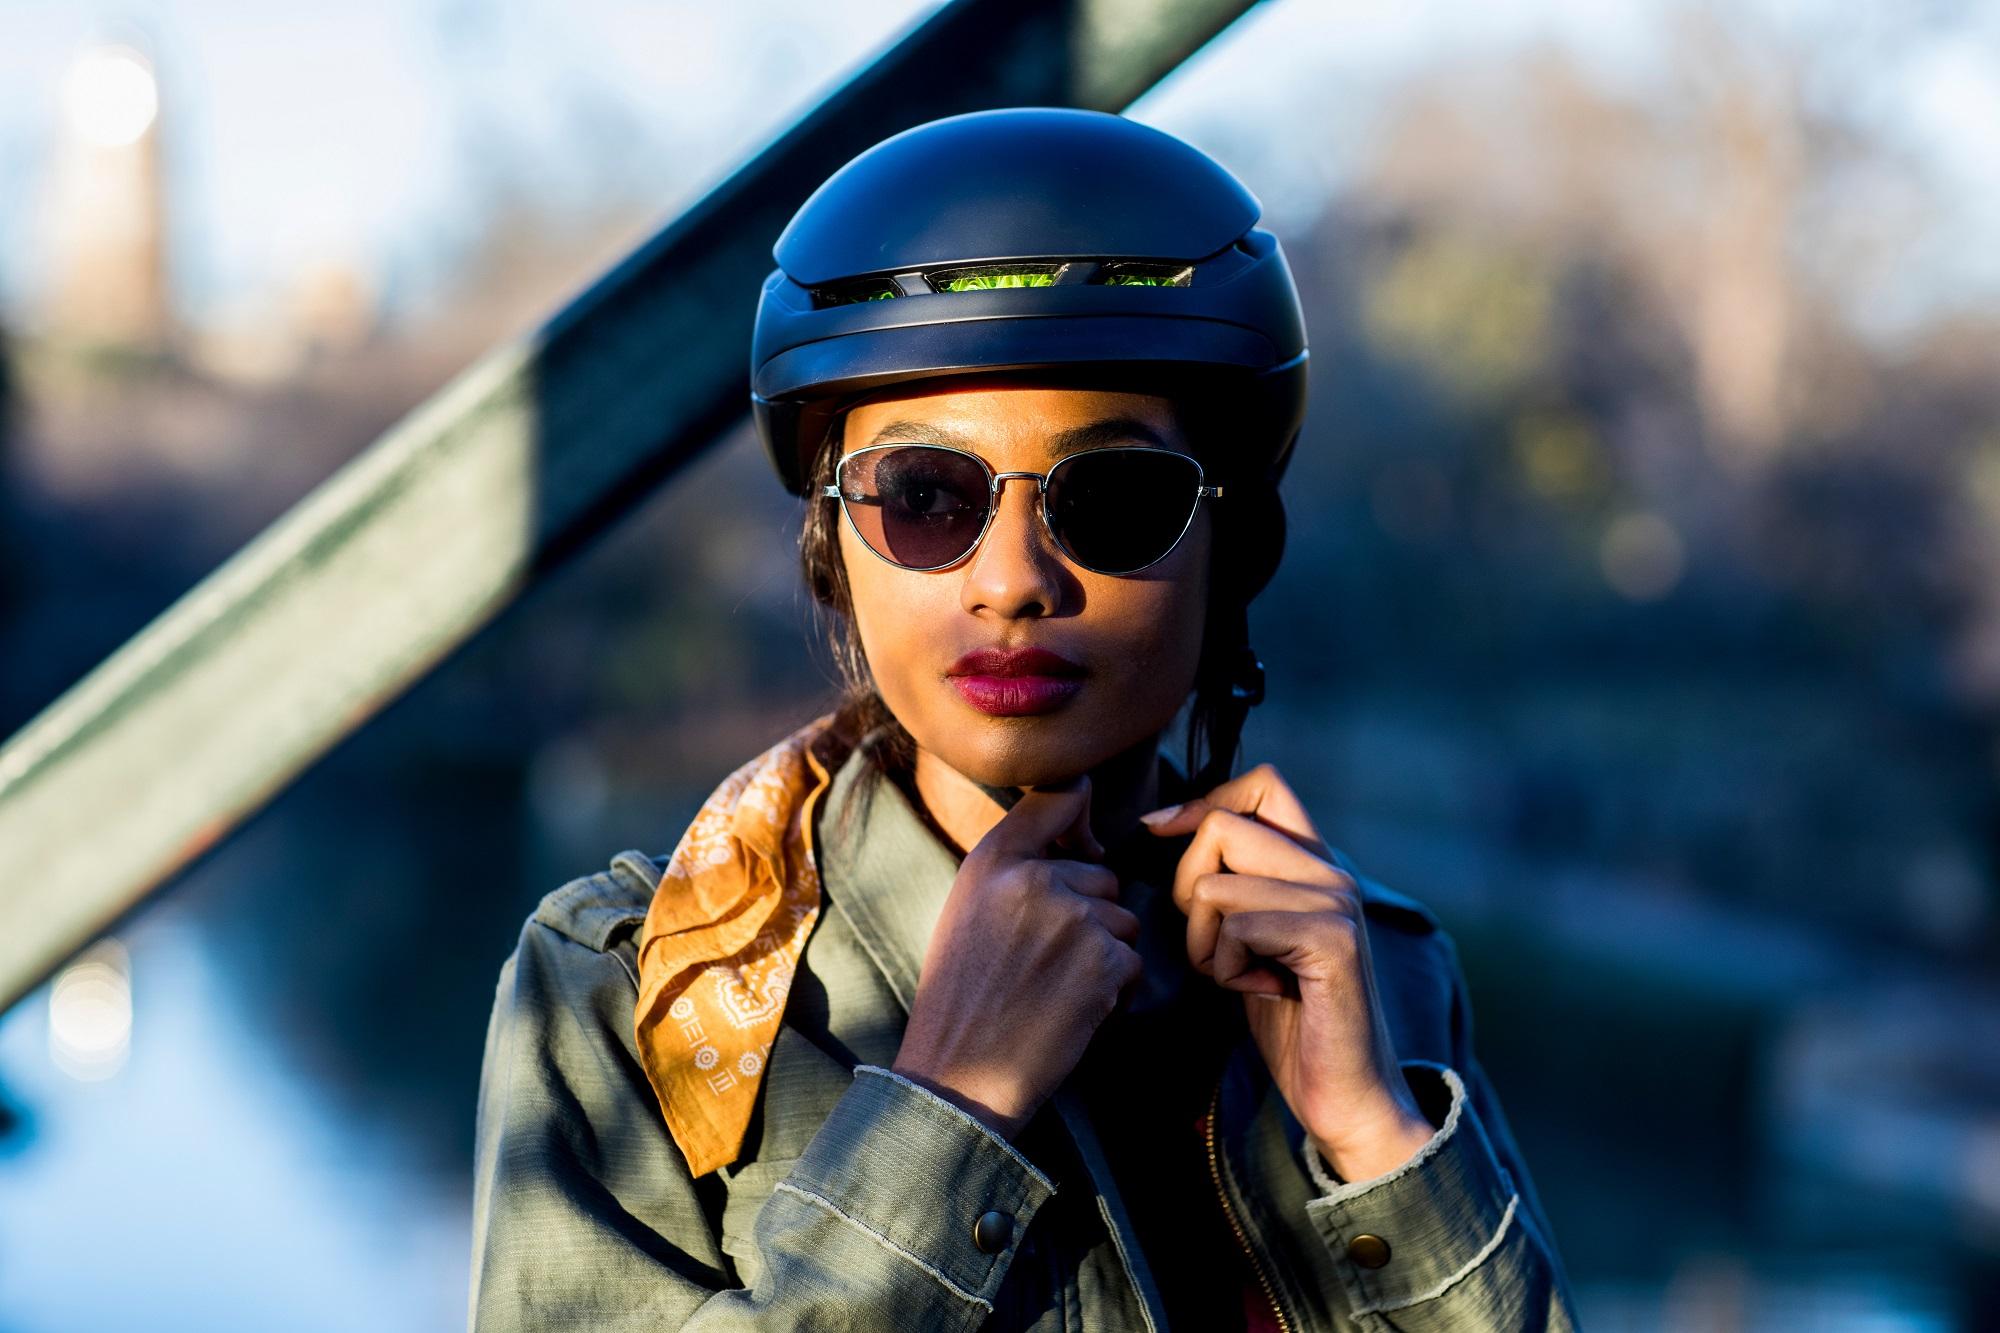 【ご予約受付中】WaveCelヘルメット限定モデル『Charge』&『Blaze』